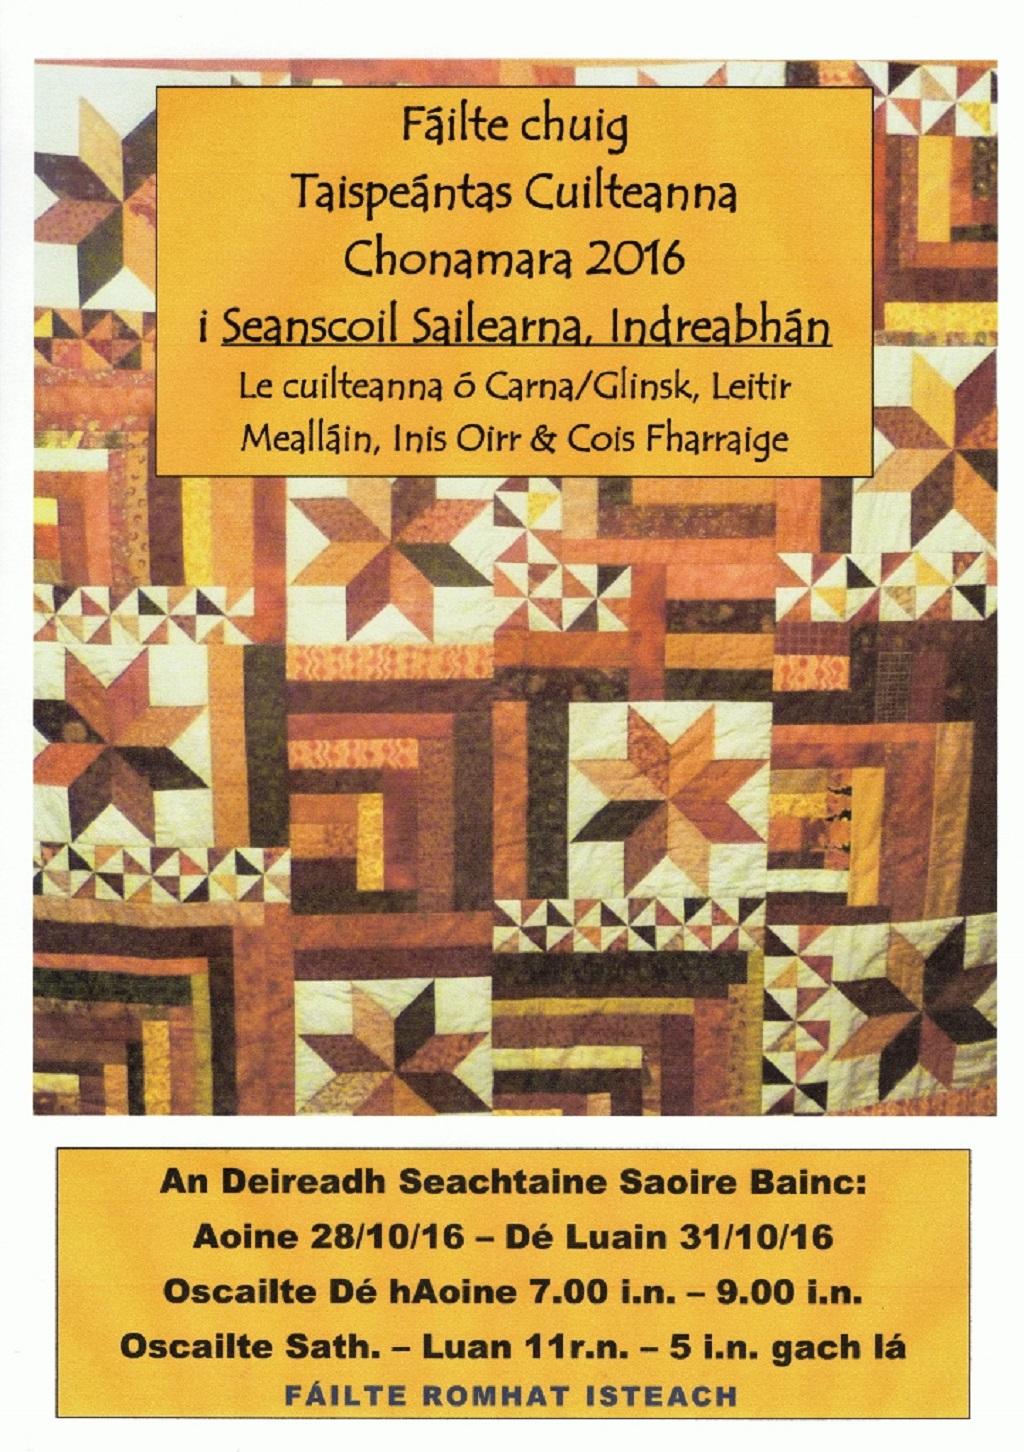 cuilteanna-chonamara-2016